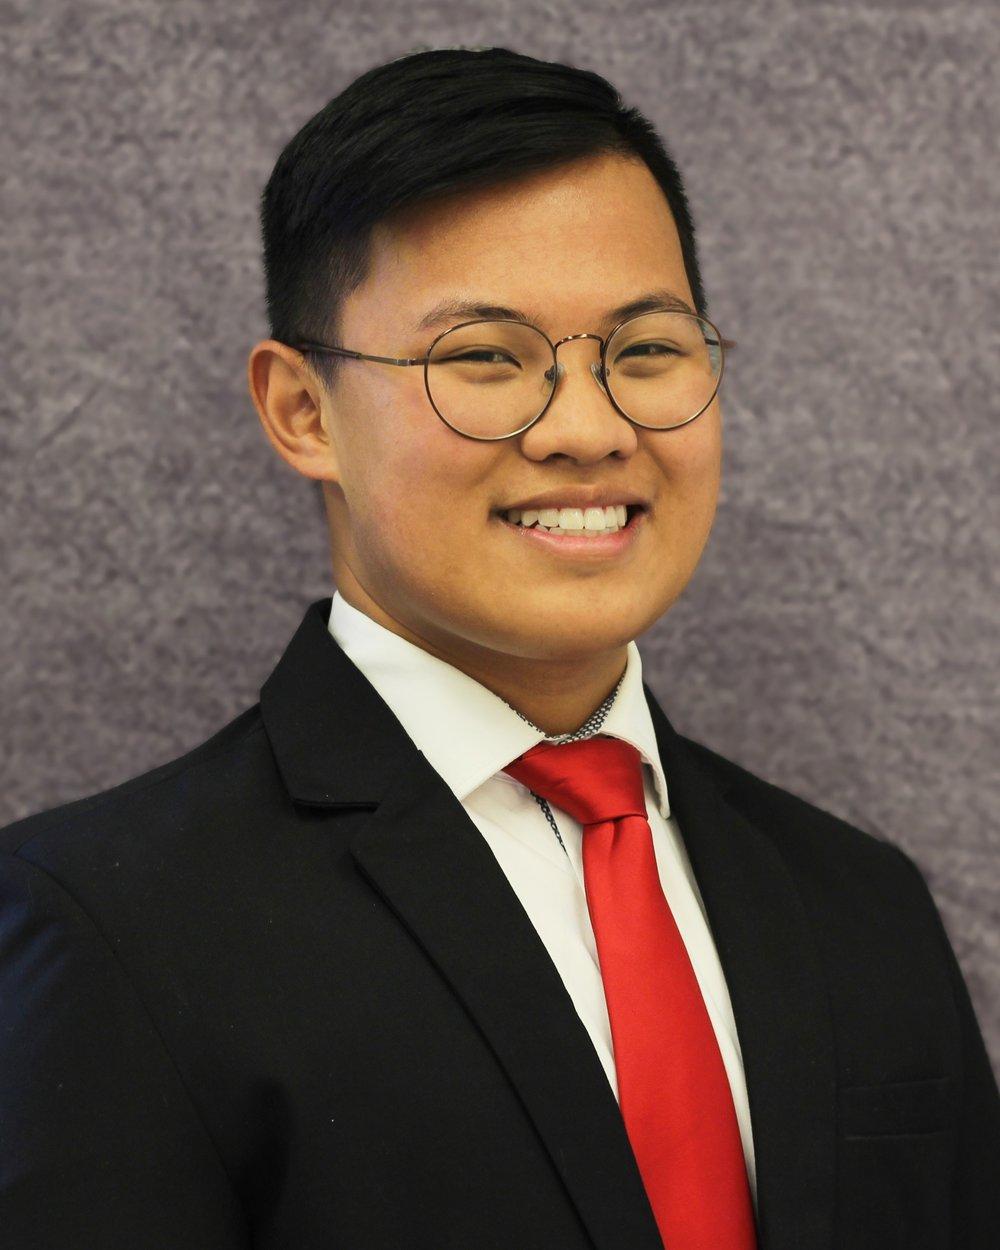 Ivan Hernandez - Alumni Relations Chair